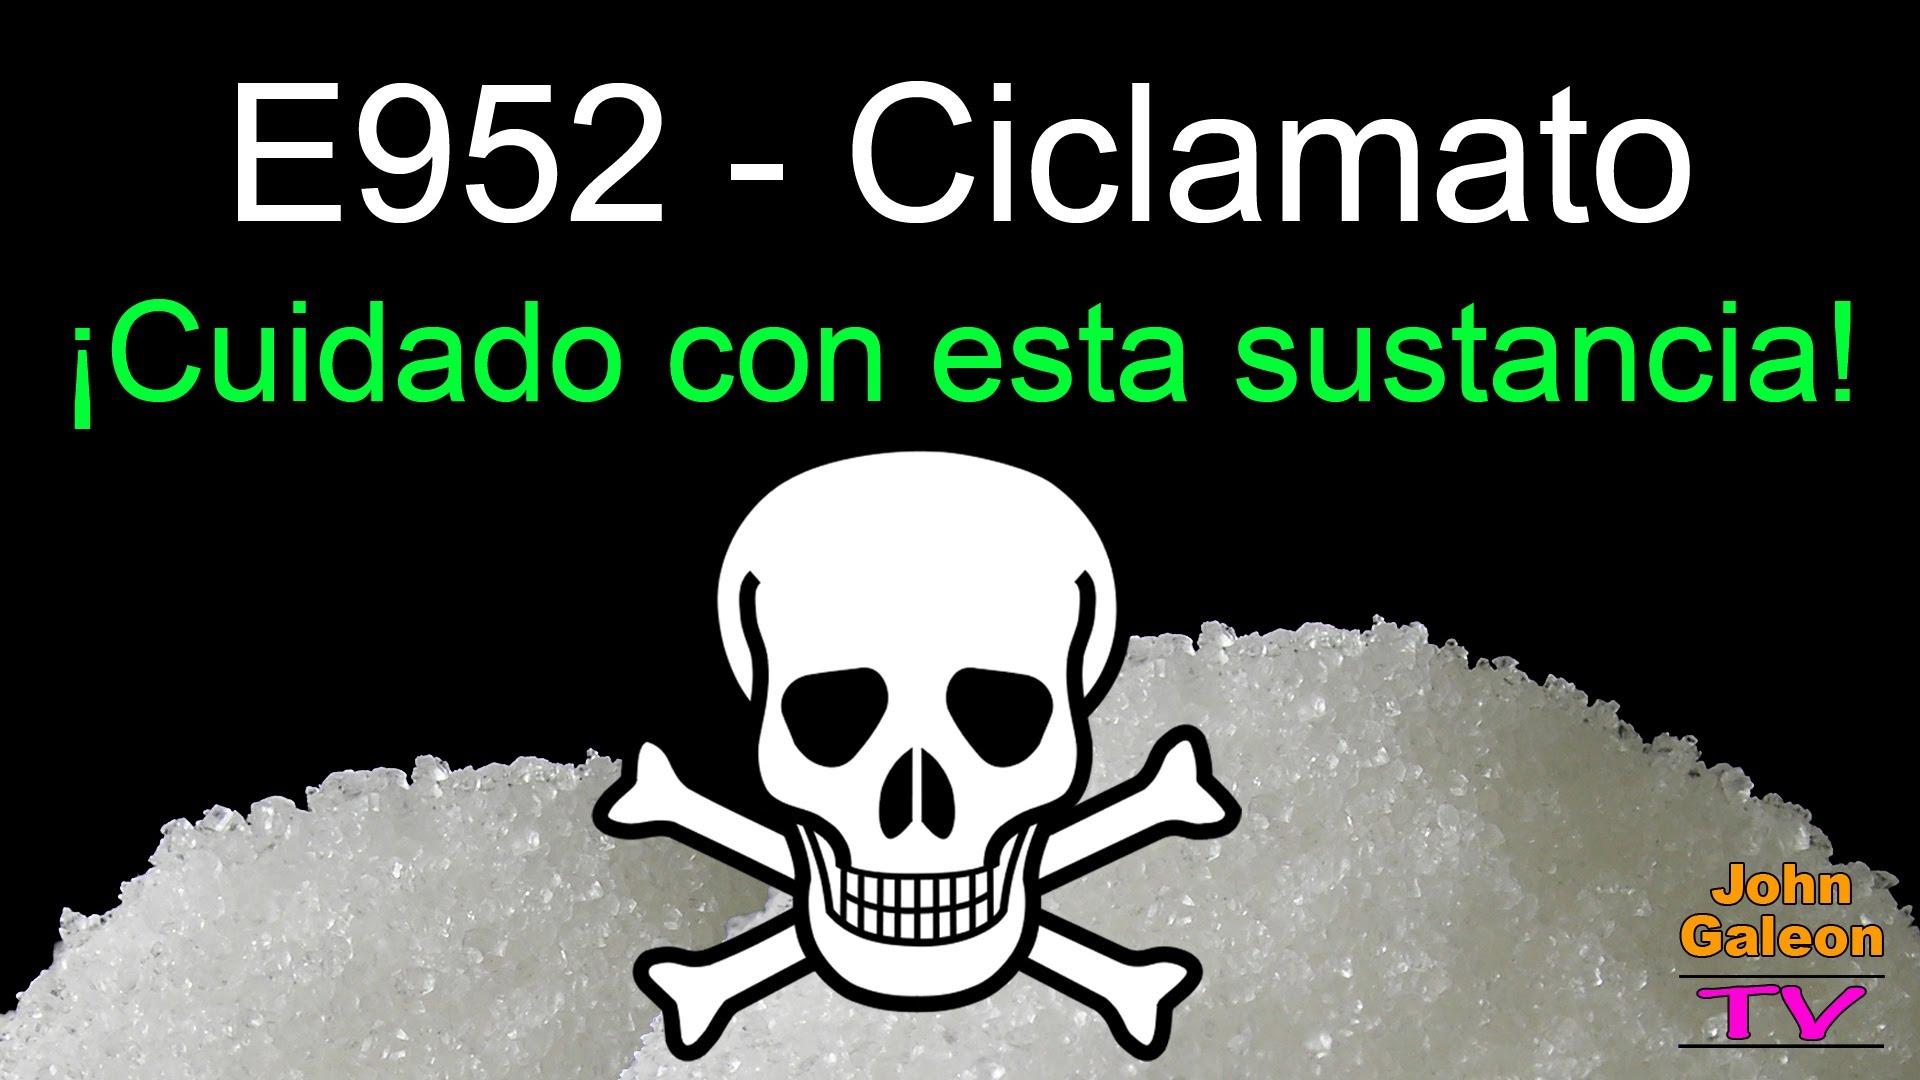 Ciclamato – E952 – ¡Cuidado con esta sustancia! – Presente en la Coca-Cola